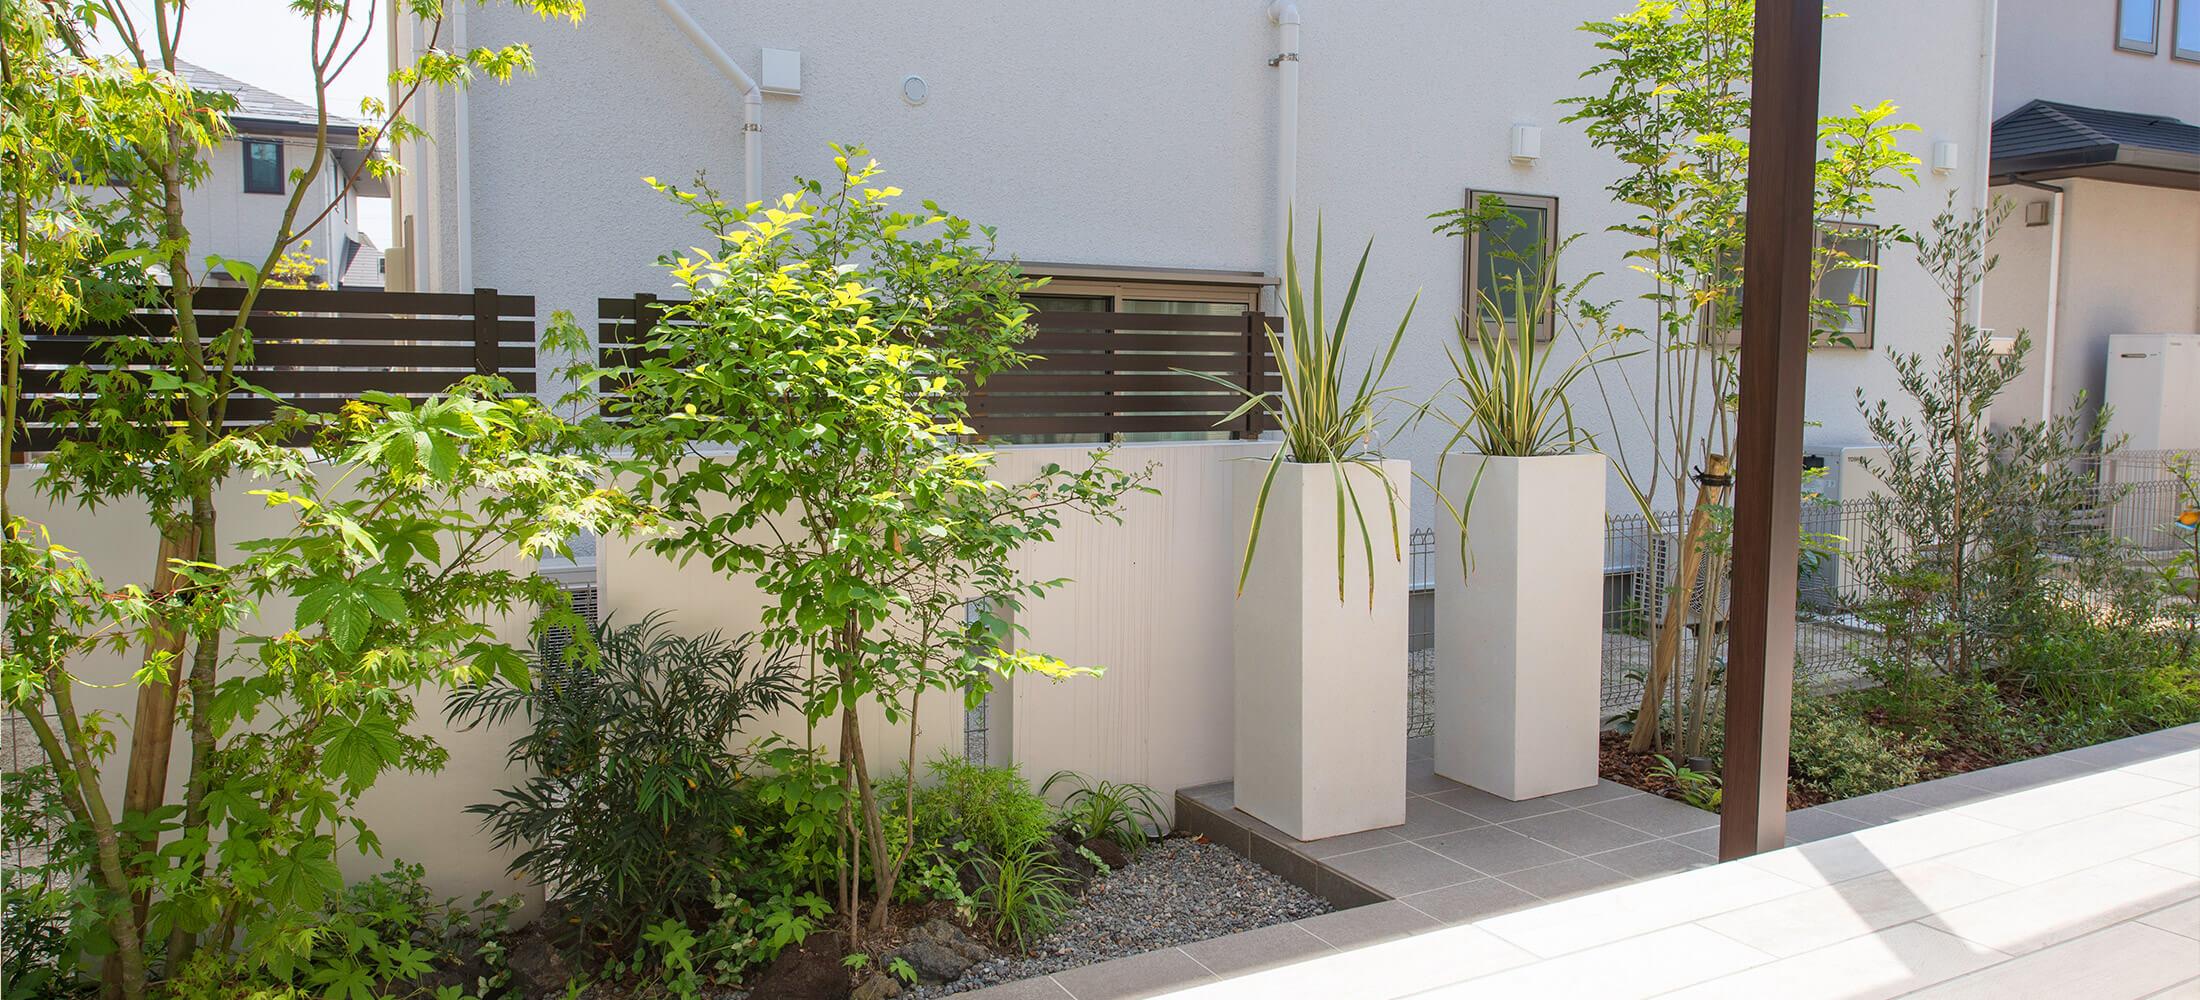 庭のフェンスでおしゃれに魅せる3つの方法